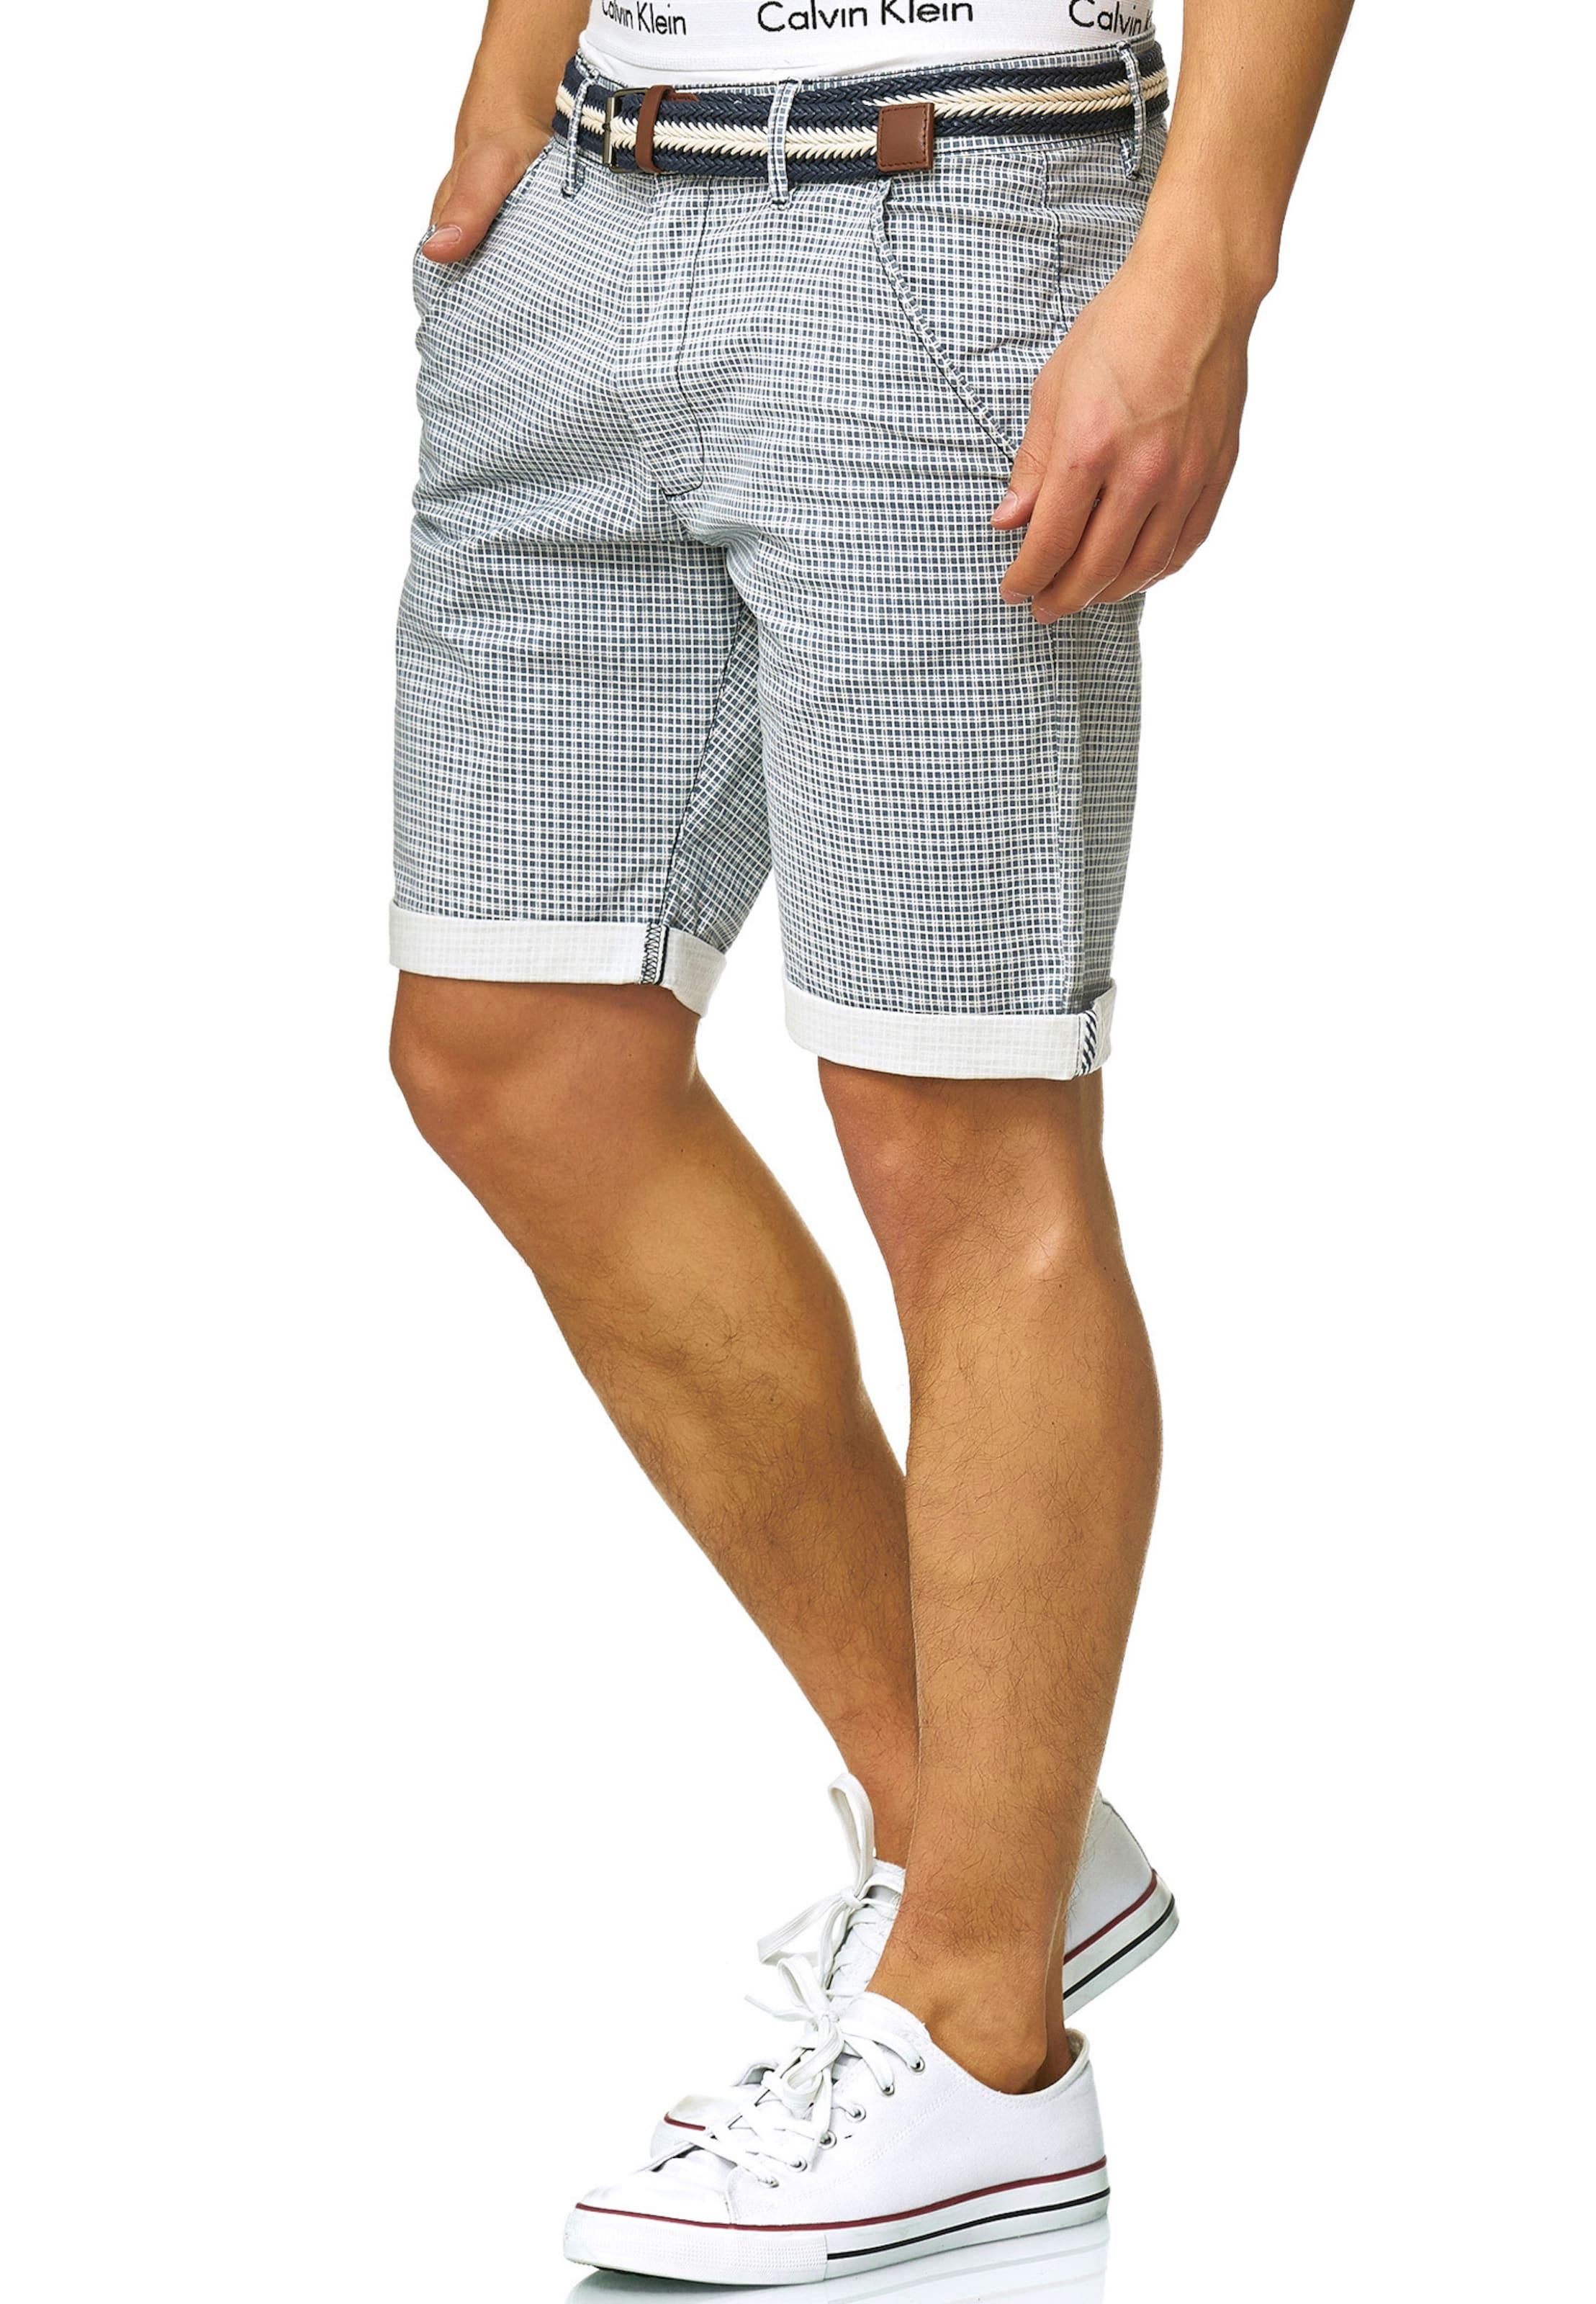 Jeans 'bourchier' Pantalon BleuBlanc Indicode En rshdtQC